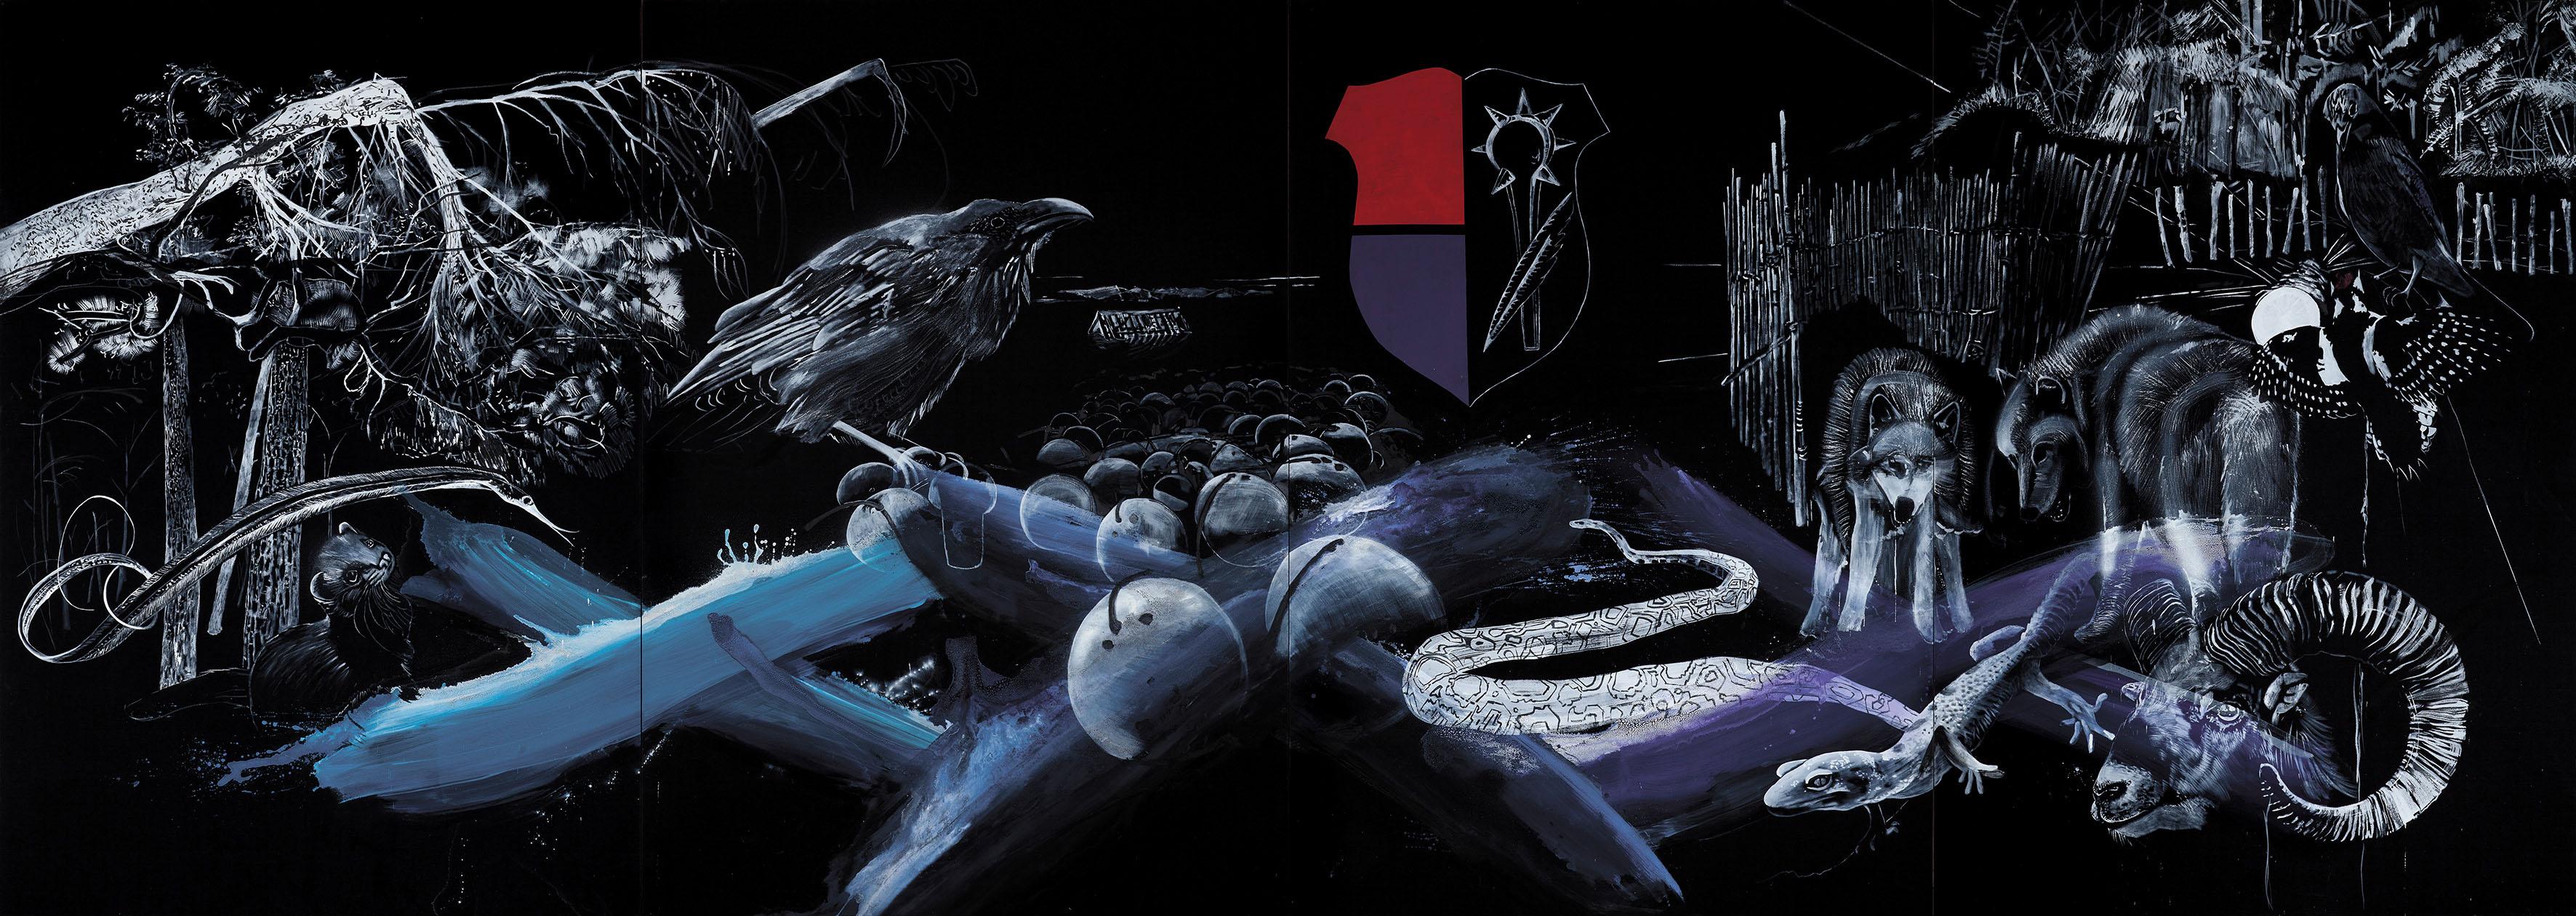 """o.T. aus """"Krähen Kommen -Titanweiß"""", 2014, 270 x 760 cm, 4-teilig, Mischtechnik auf Leinwand"""